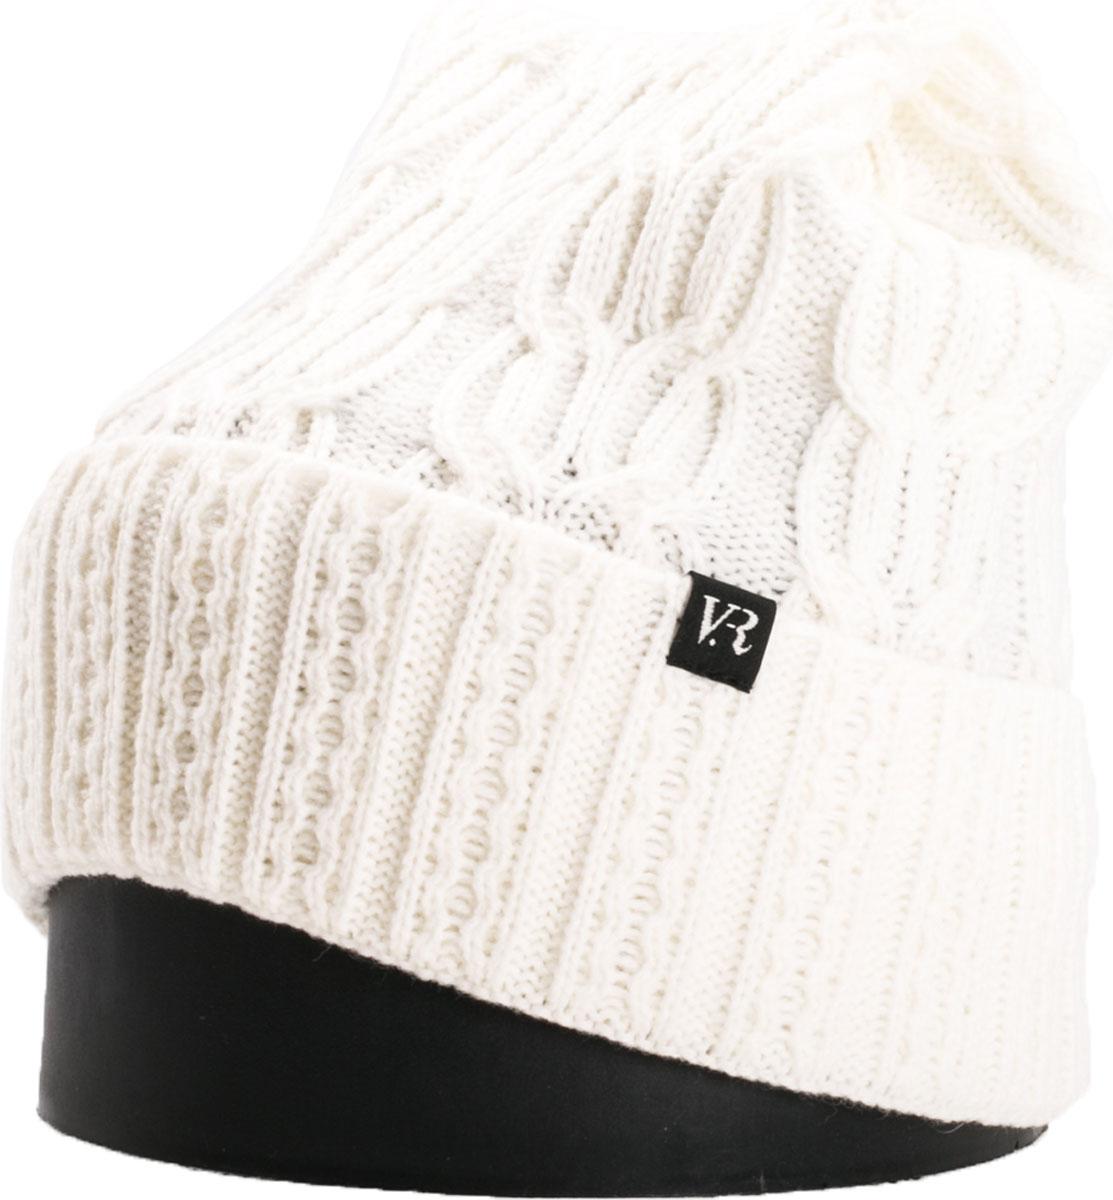 Шапка женская Vittorio Richi, цвет: белый. NSH900188. Размер 56/58NSH900188Стильная женская шапка Vittorio Richi отлично дополнит ваш образ в холодную погоду. Модель, изготовленная из шерсти с добавлением акрила, максимально сохраняет тепло и обеспечивает удобную посадку. Шапка дополнена ажурной вязкой и сбоку фирменной нашивкой. Привлекательная стильная шапка подчеркнет ваш неповторимый стиль и индивидуальность.